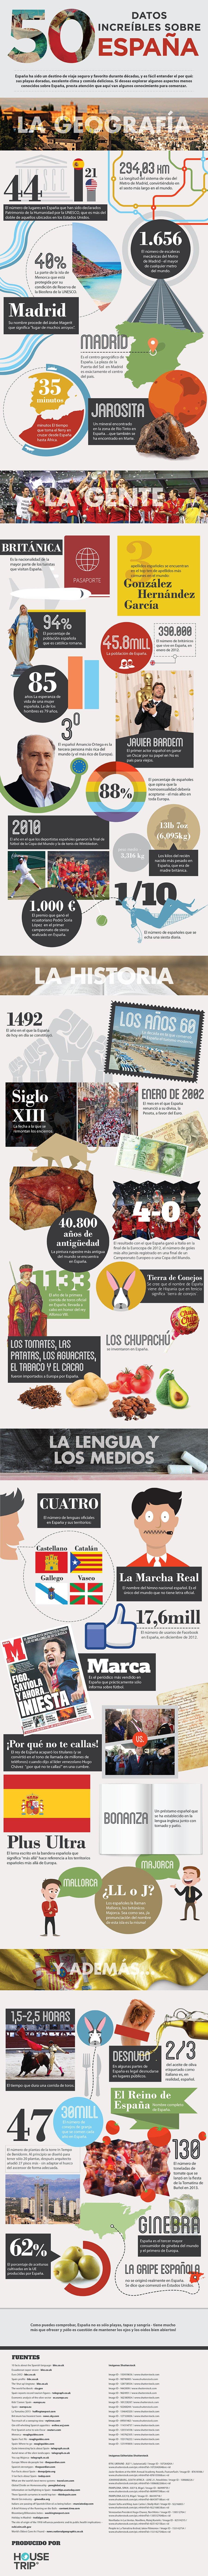 50-datos-asombrosos-sobre-espana